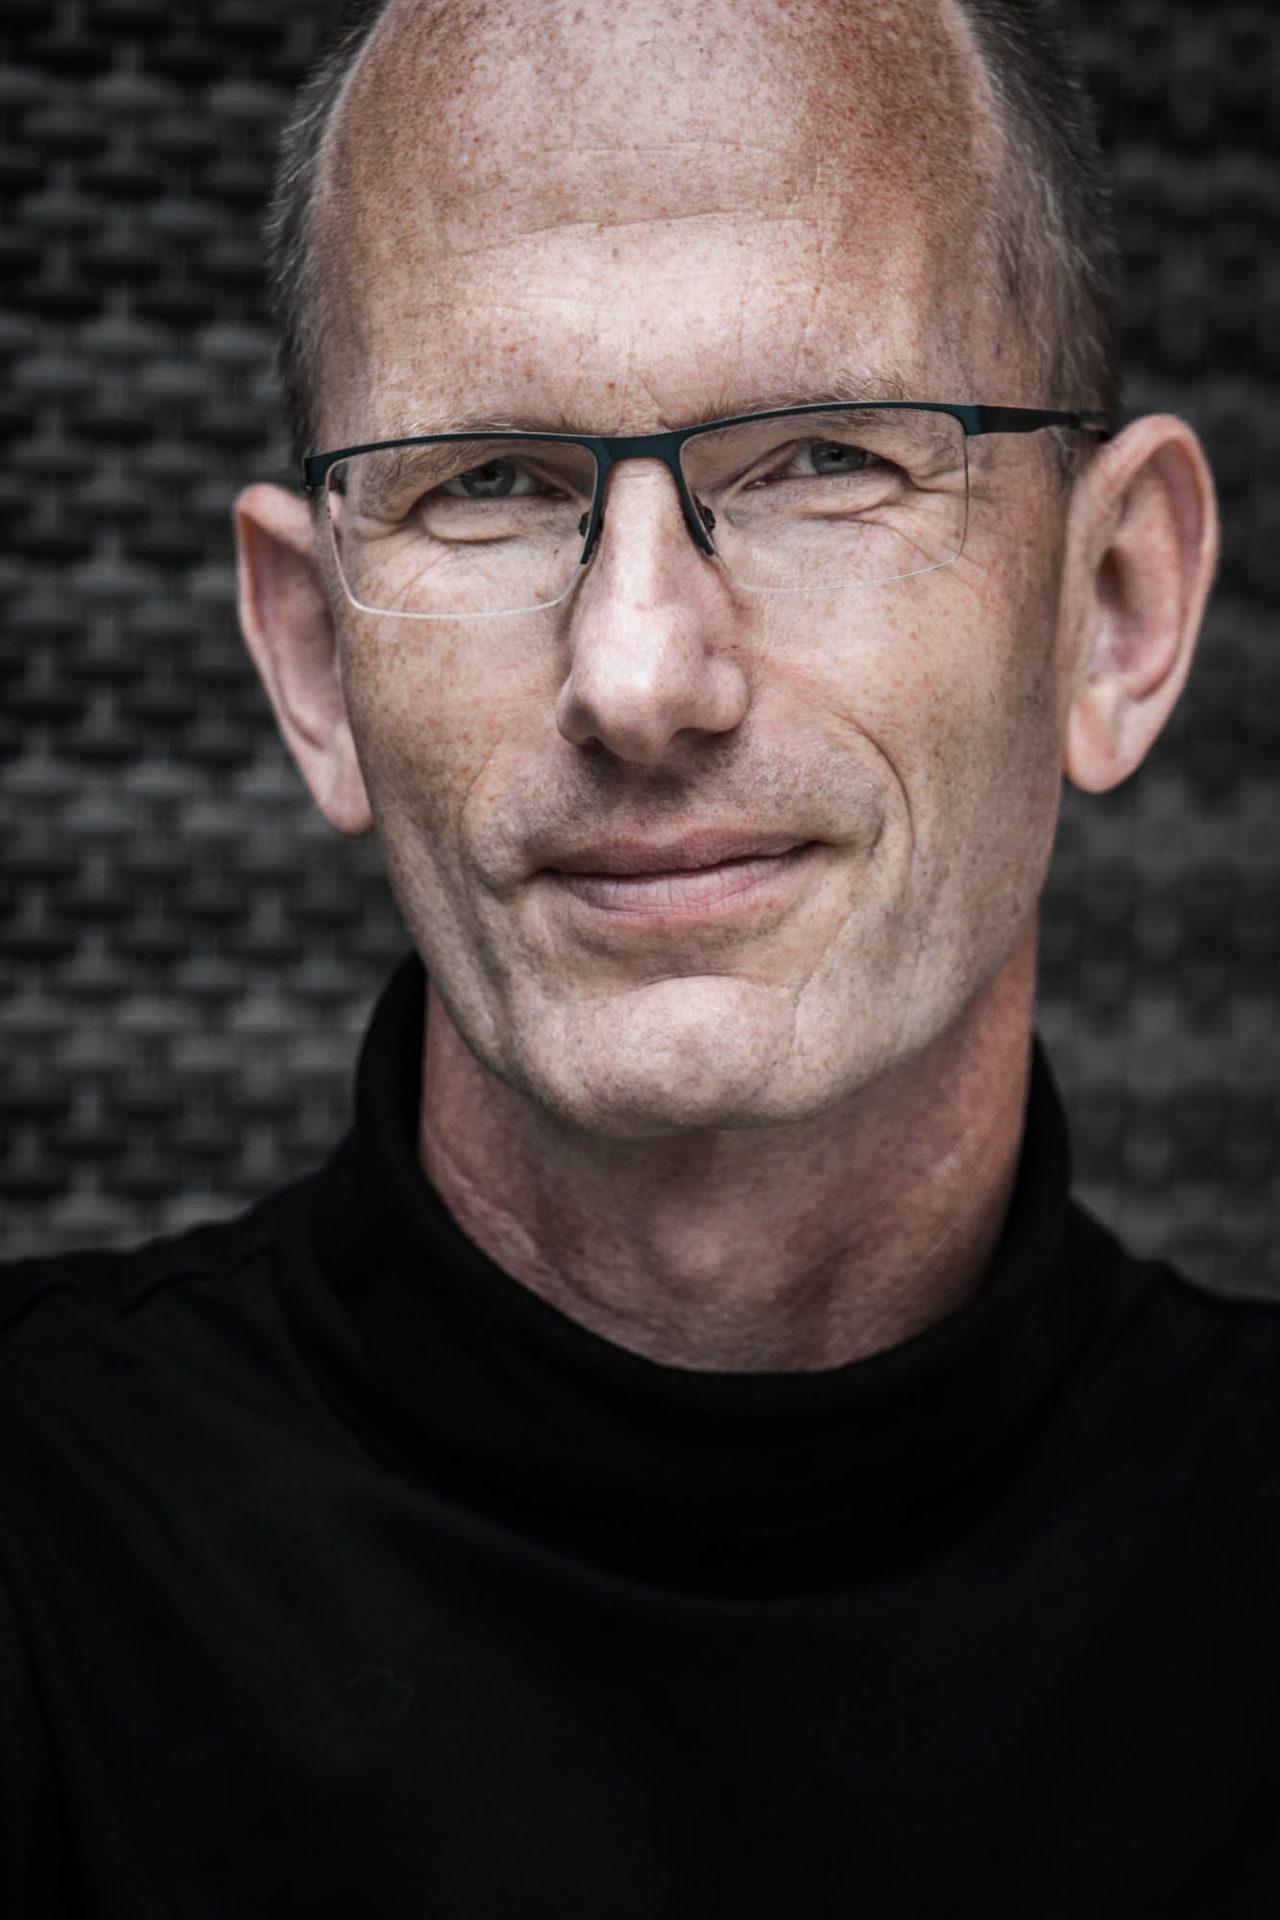 Portrait-Fotografie-Michelle-Stock-Jörg-Pohe-Fuhlendorf